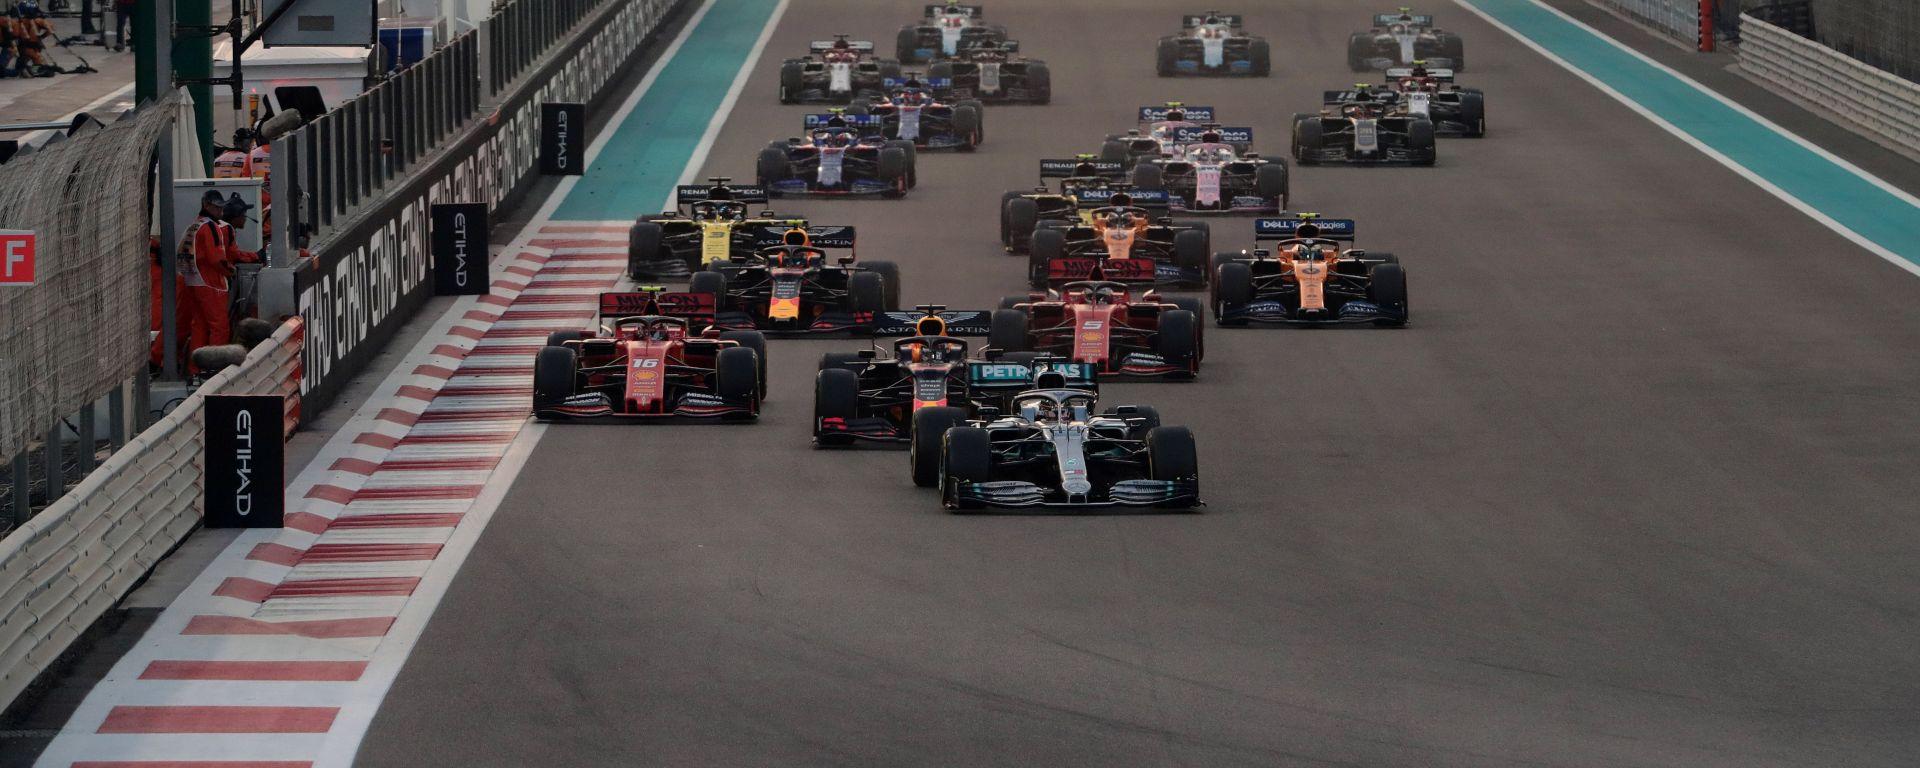 F1 GP Abu Dhabi 2019, Yas Marina: la partenza della gara